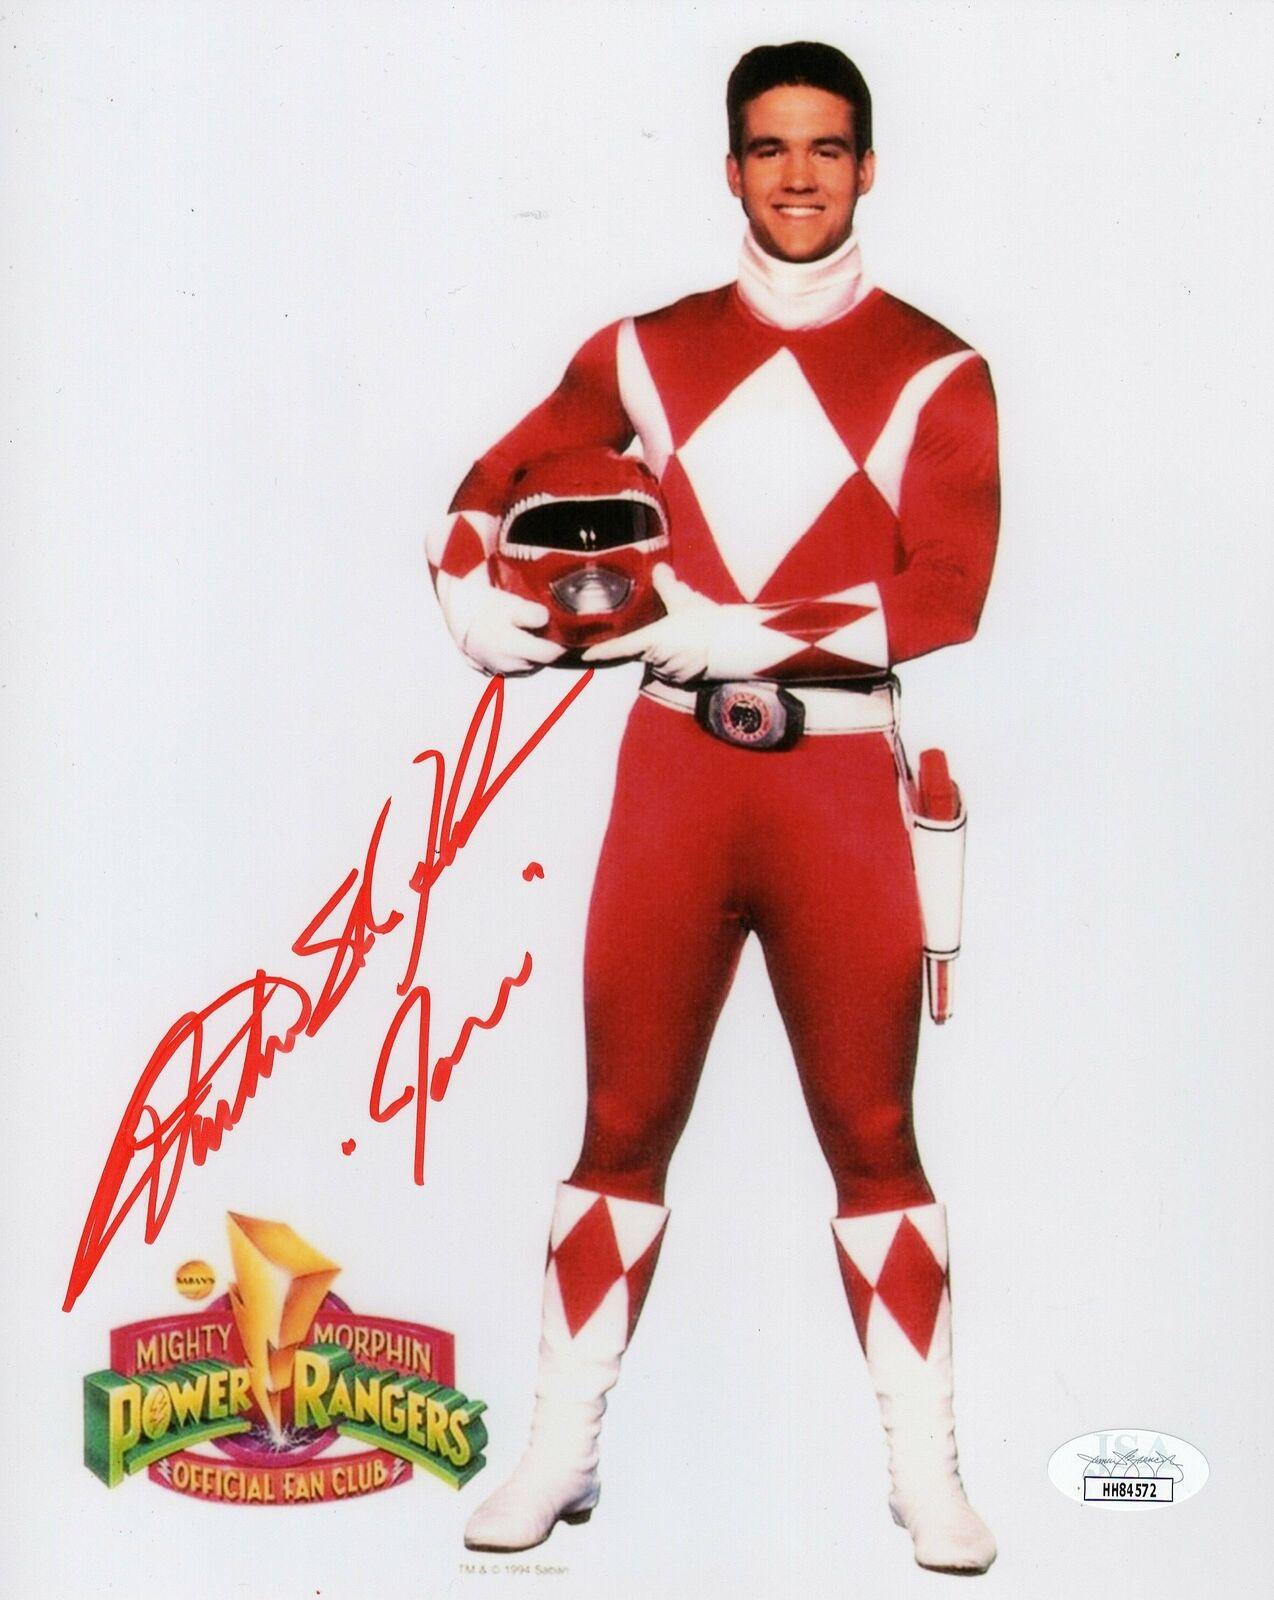 Austin St John Autograph Mighty Morphin Power Ranger 8x10 Signed Coa 2 For Sale Online Ebay